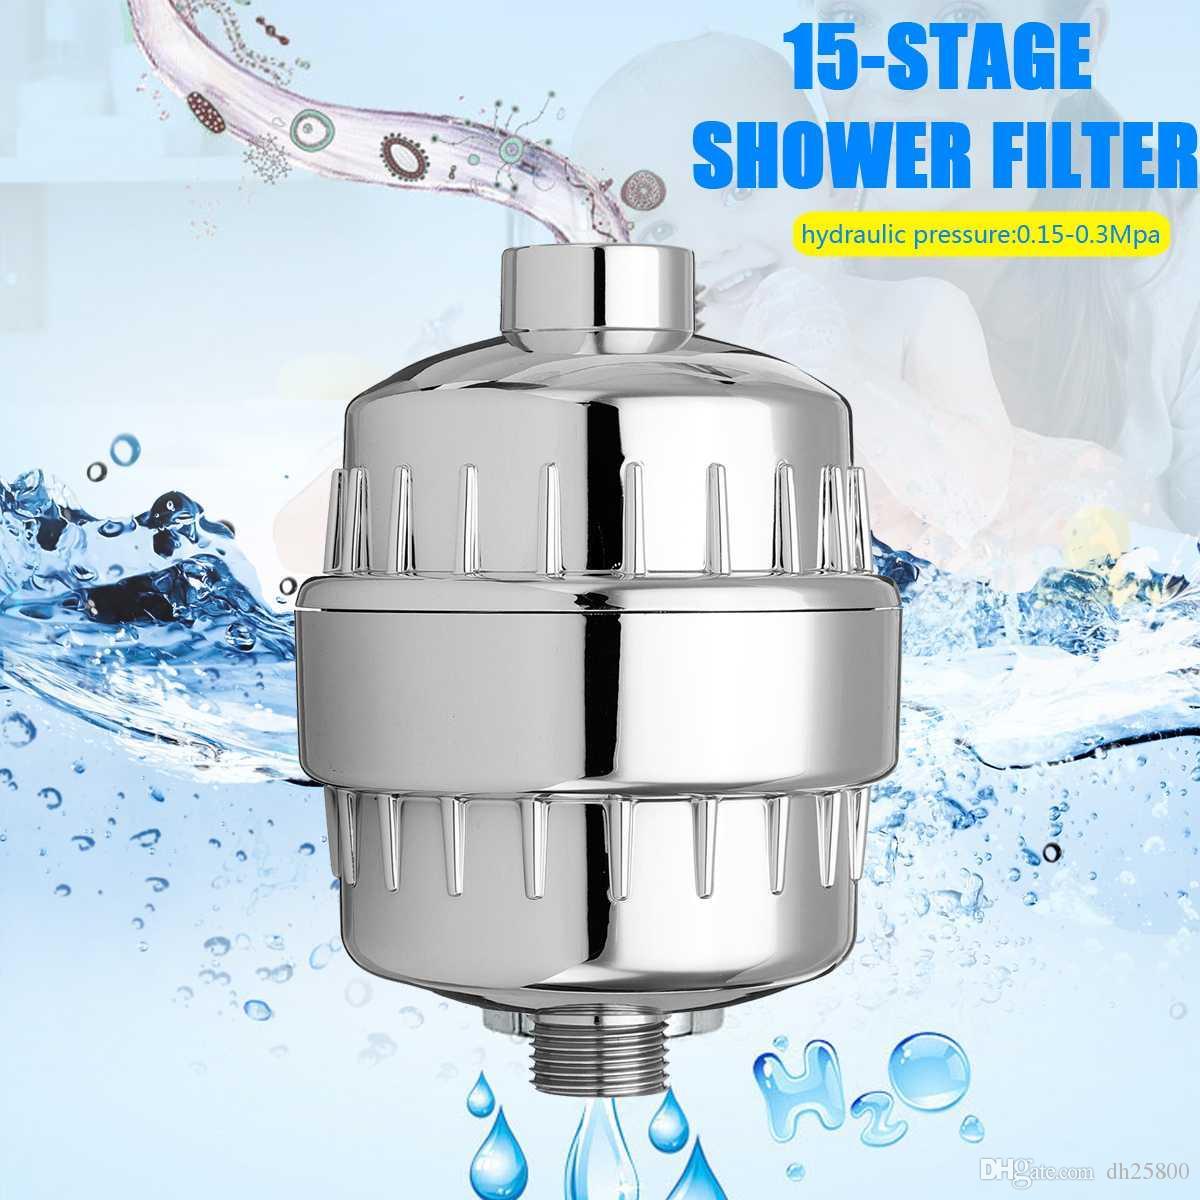 15 Stage Bath Purificador de Água de Banho Shower Filter 1/2 '' Saúde amaciante Cloro Remoção High Output Universal de Tratamento de Água